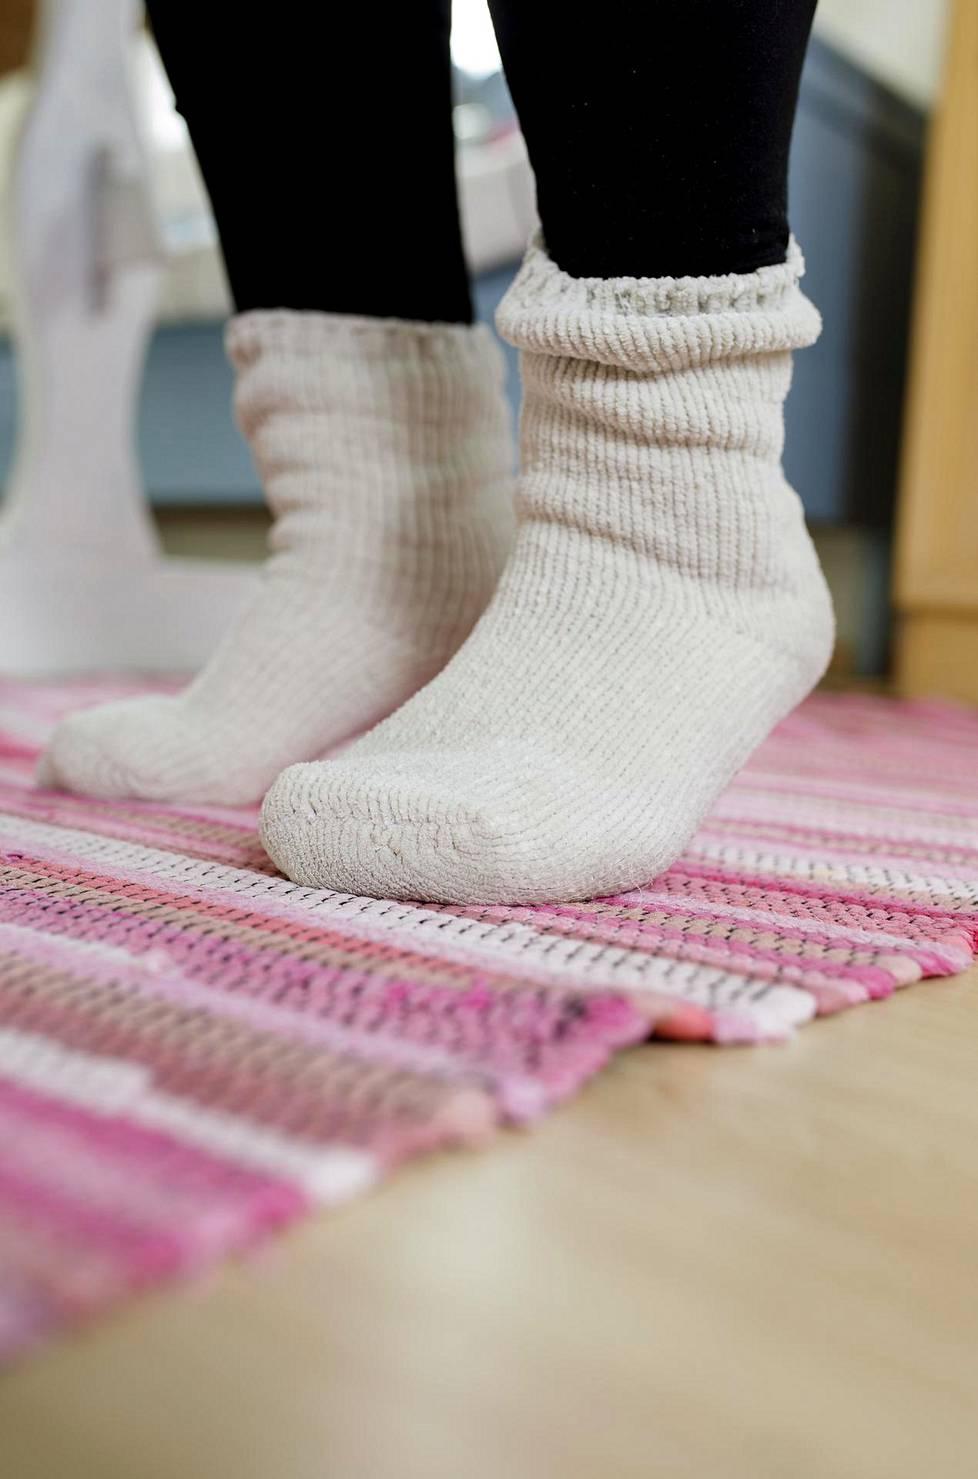 Pystyasennossa tehtävät liikkeet parantavat tasapainoa ja ylläpitävät kävelykykyä.